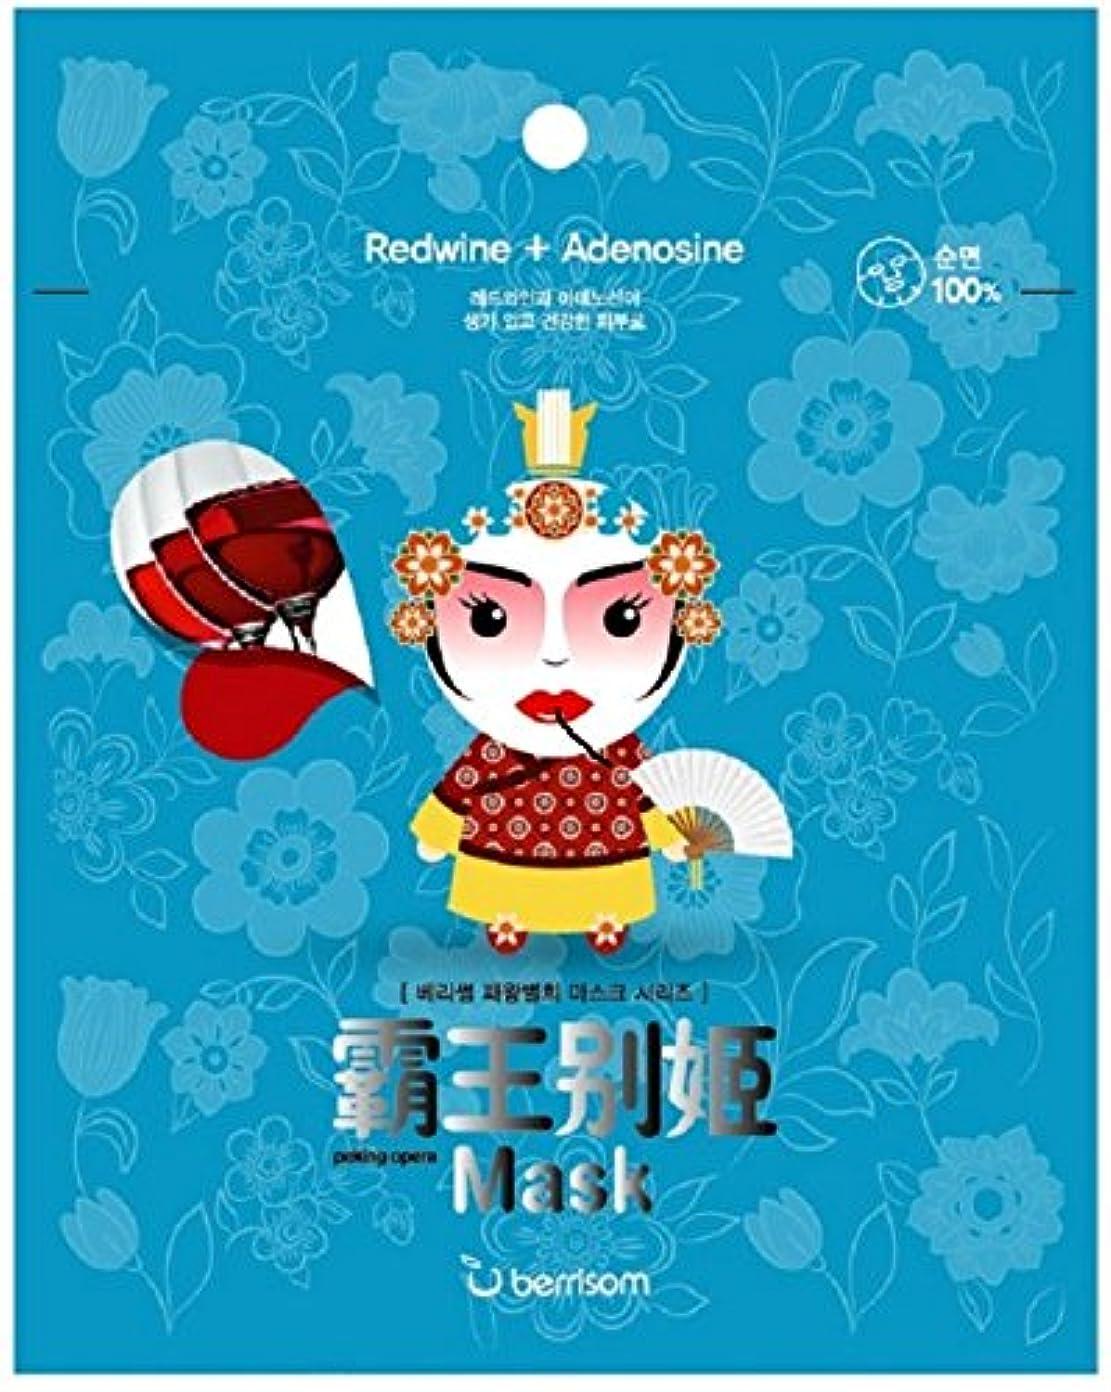 祝う憂鬱な緩むベリサム(berrisom)Peking Opera mask series #Queen